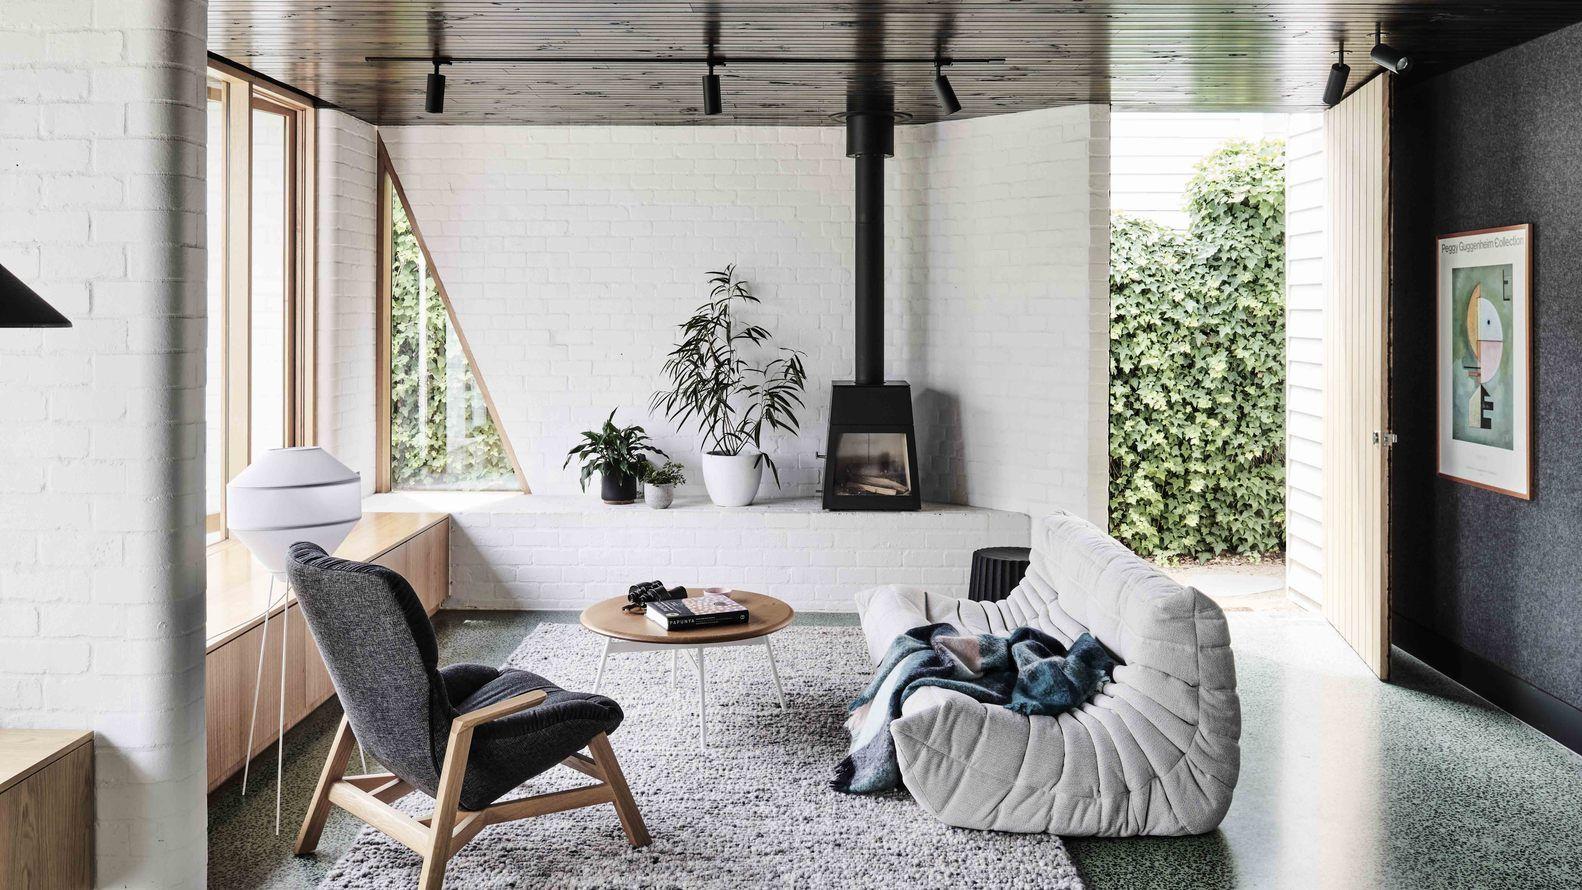 Una casa mini tipo bungalow o contenedor